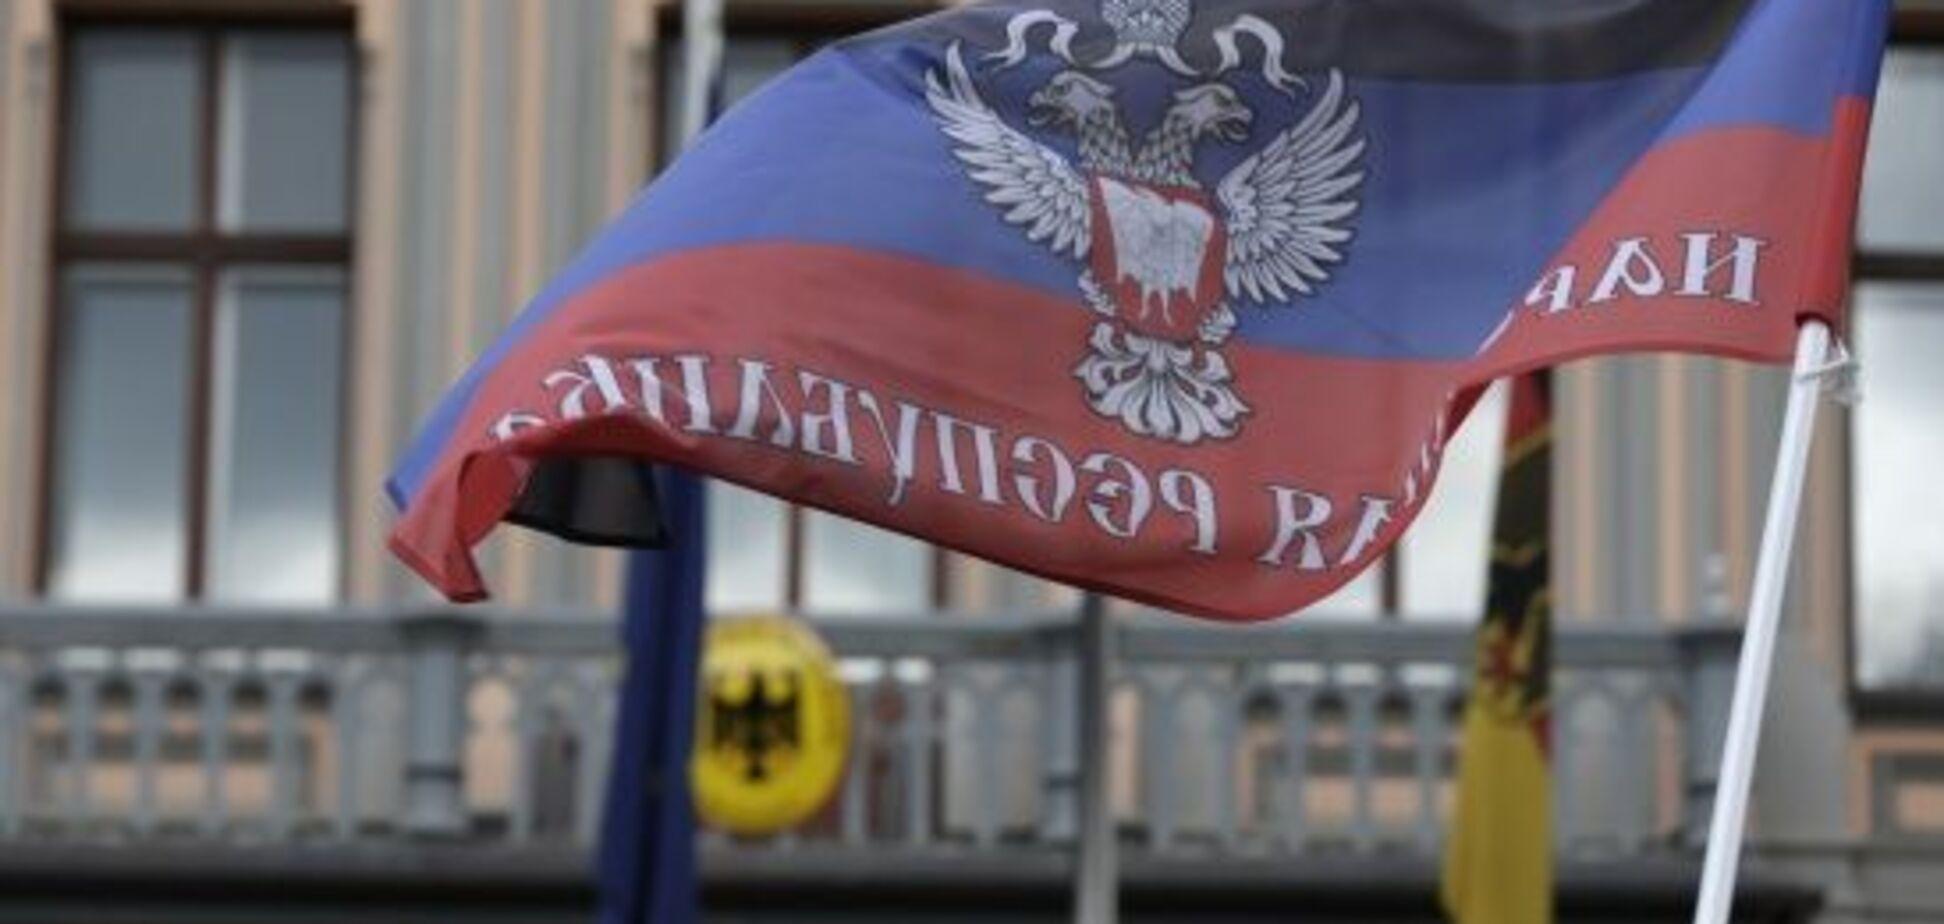 'Невизнані бандити!' Журналіст присоромив захисників 'Л/ДНР'